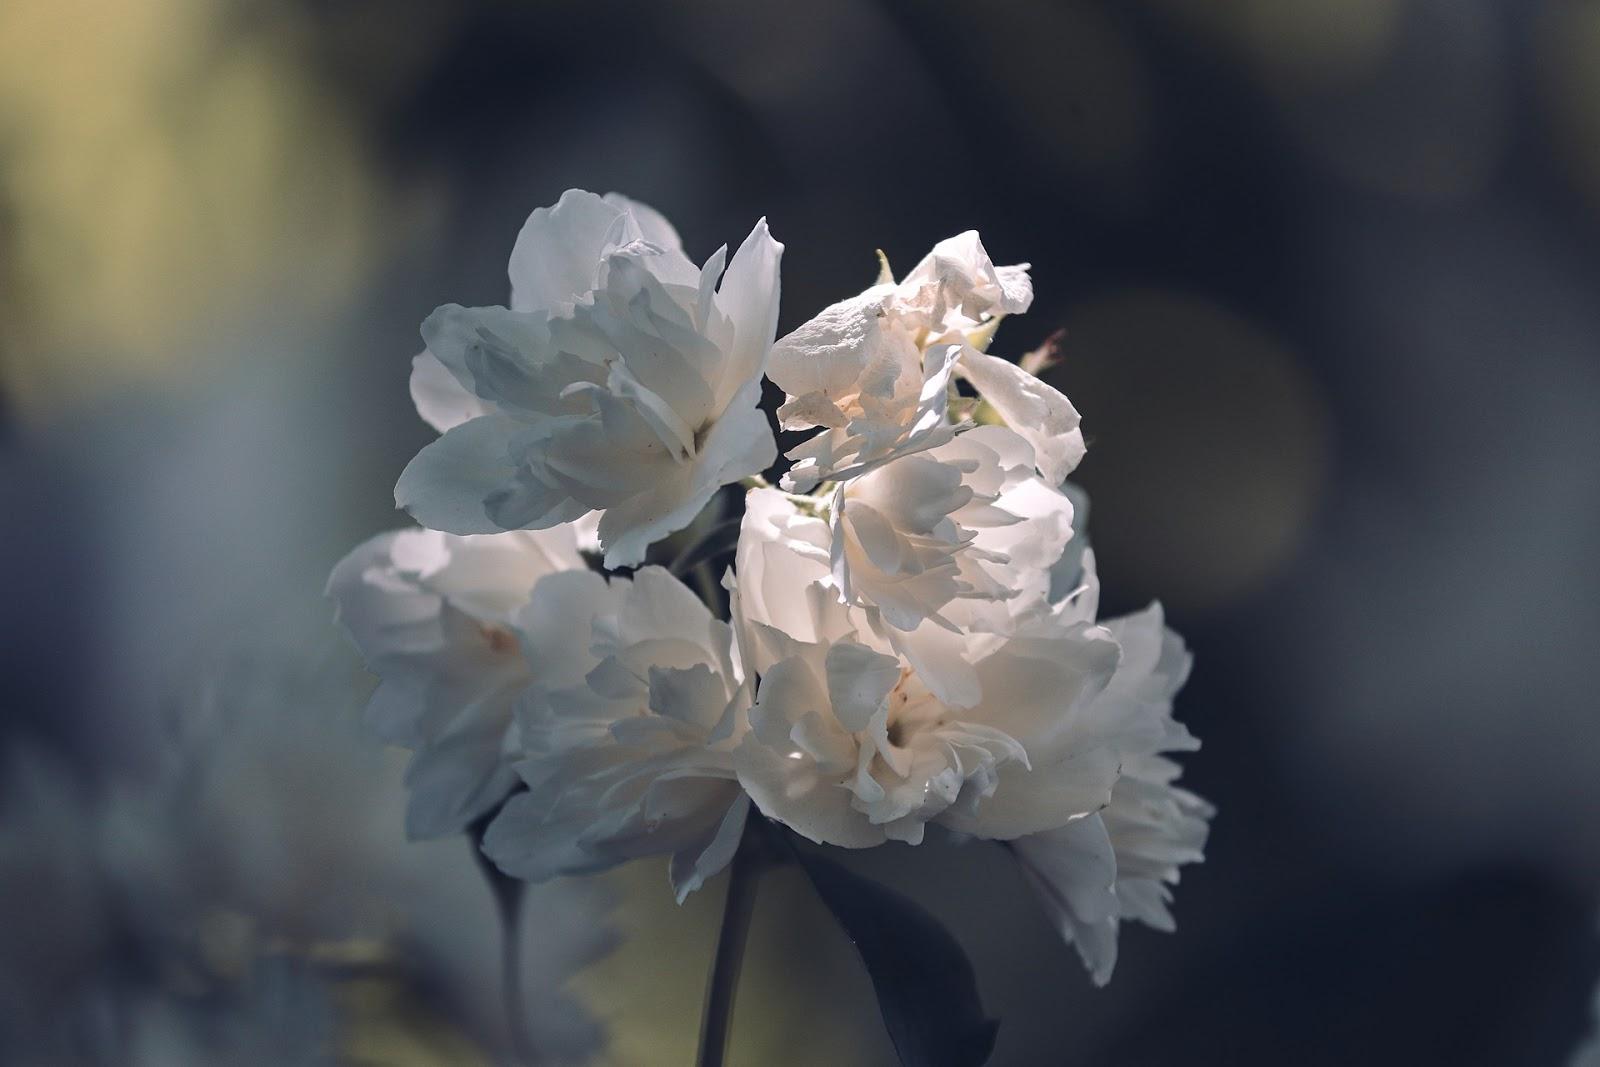 Unduh 6300 Gambar Bunga Melati Hias Gratis